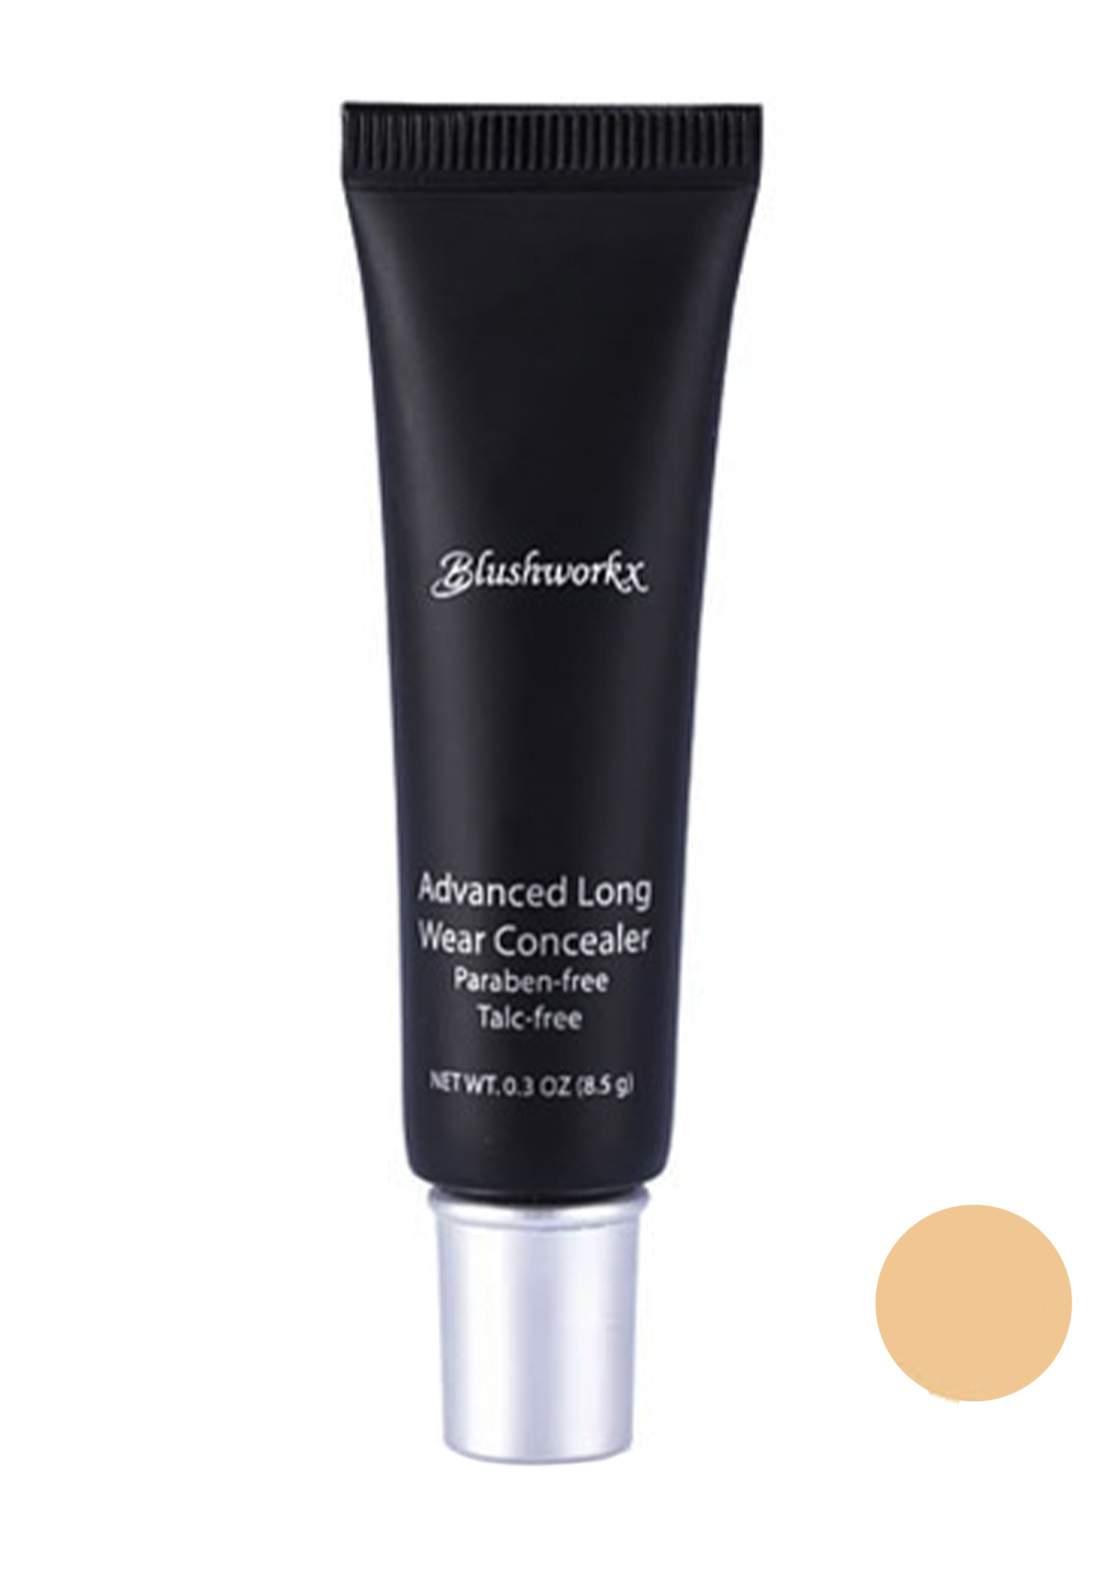 Blushworkx Hollywood Advance Long Wear Concealer 8.5g Light كونسيلر